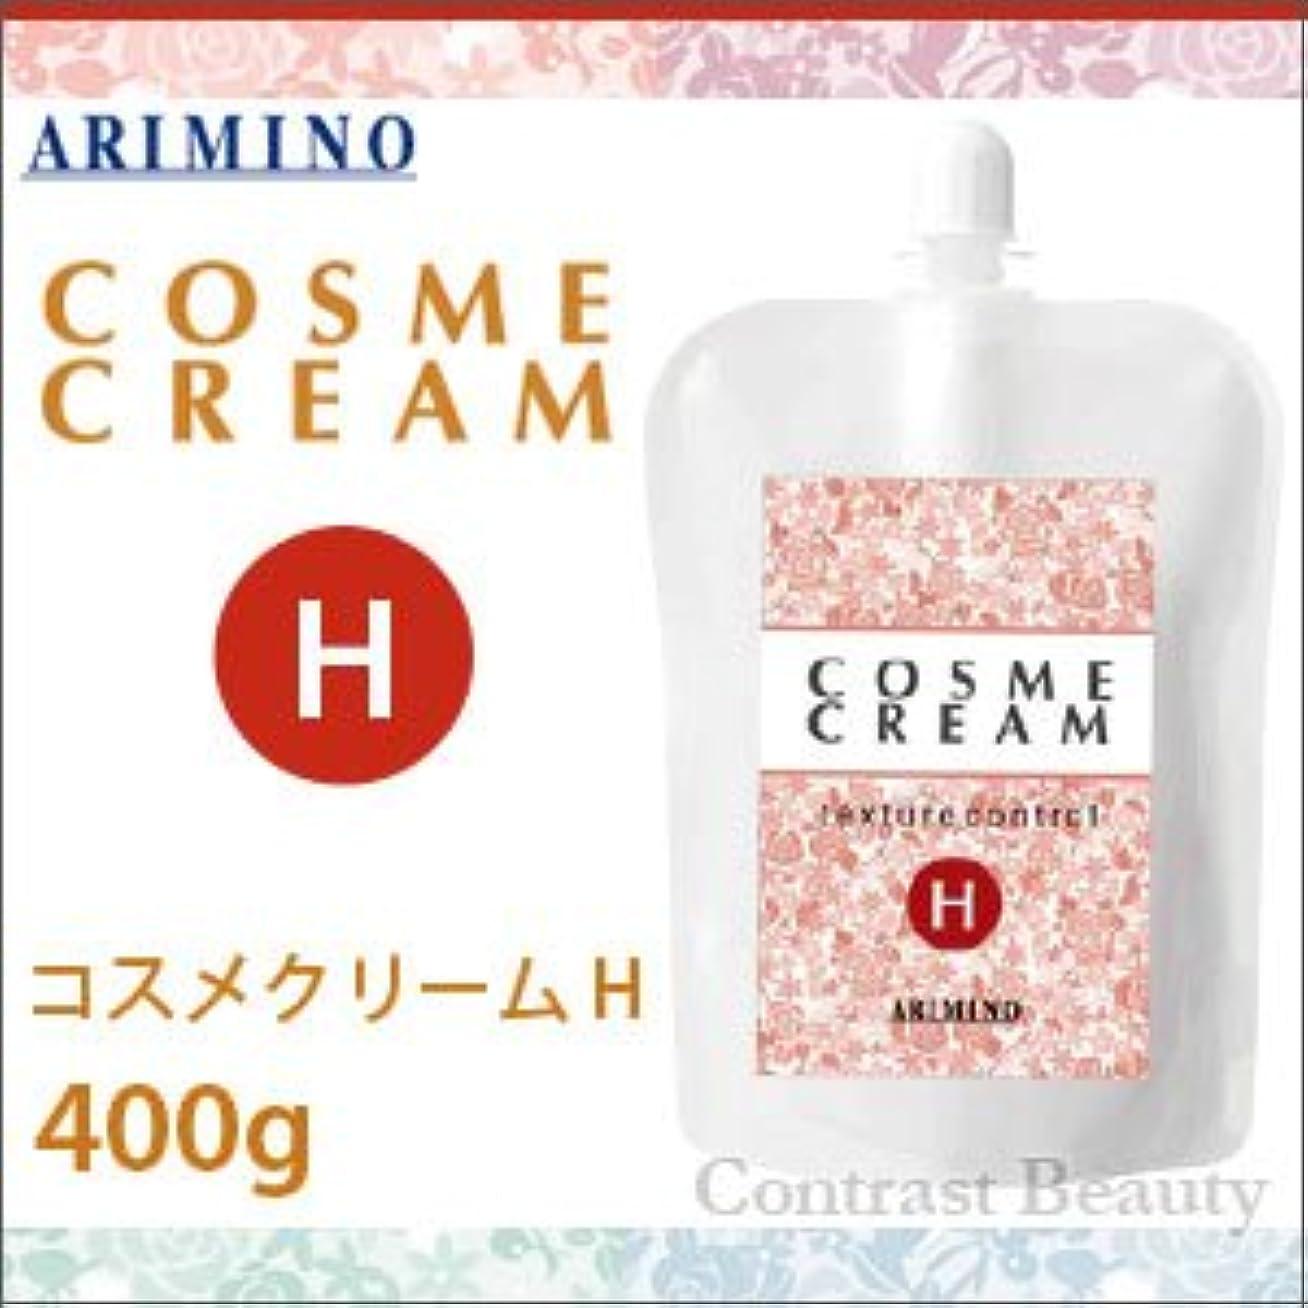 浸す制限する古いアリミノ コスメクリーム H 400g